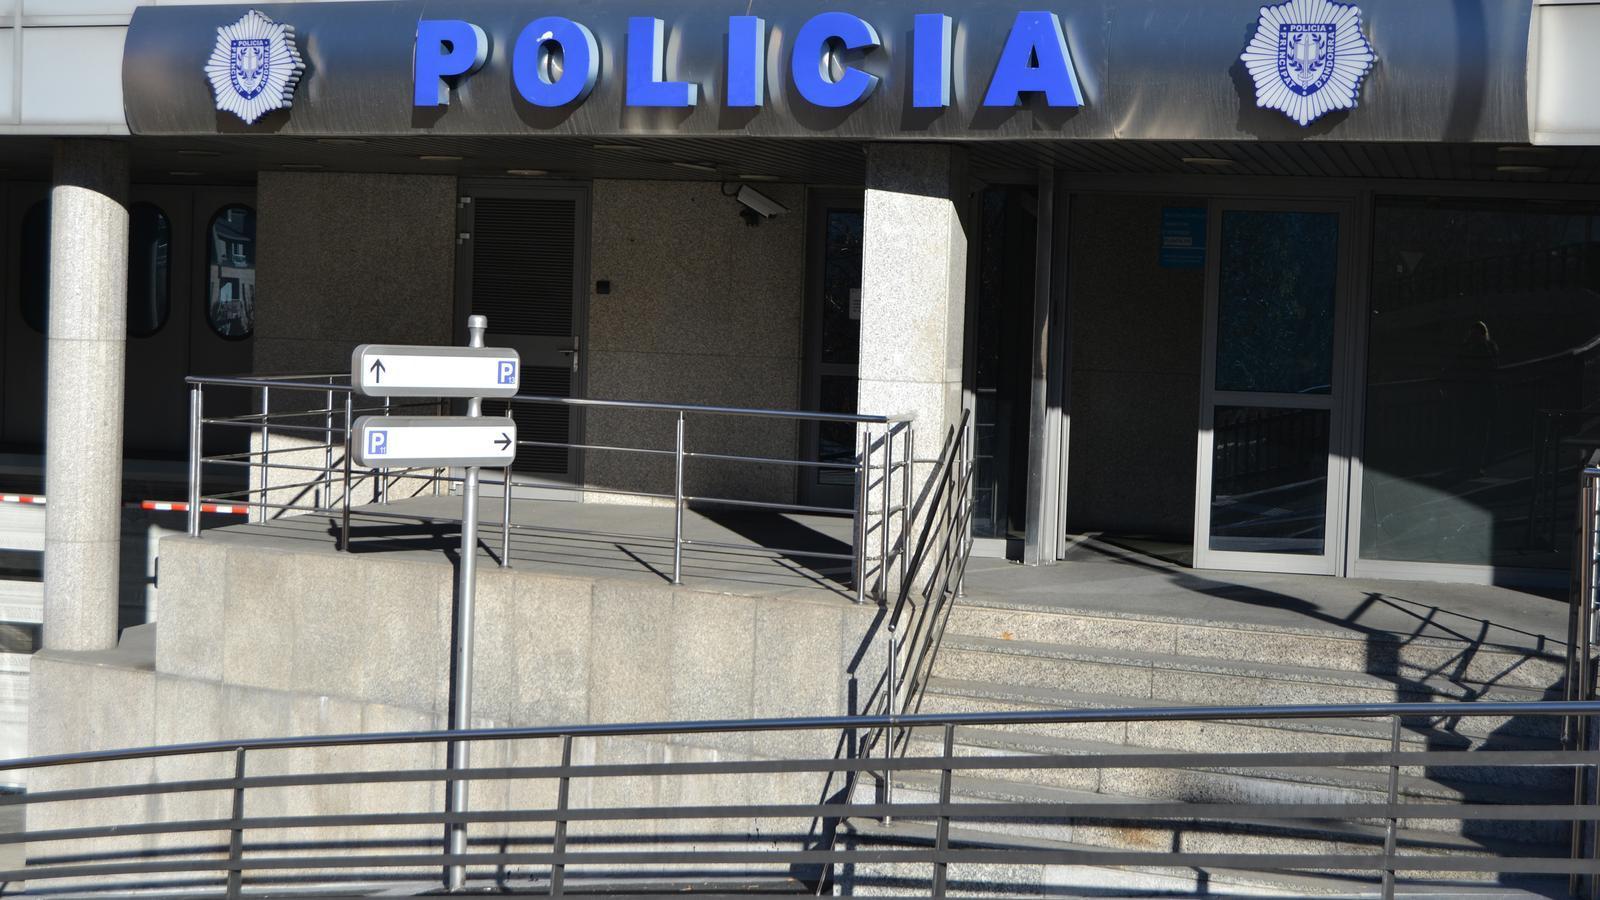 L'edifici central de la policia. / ARXIU